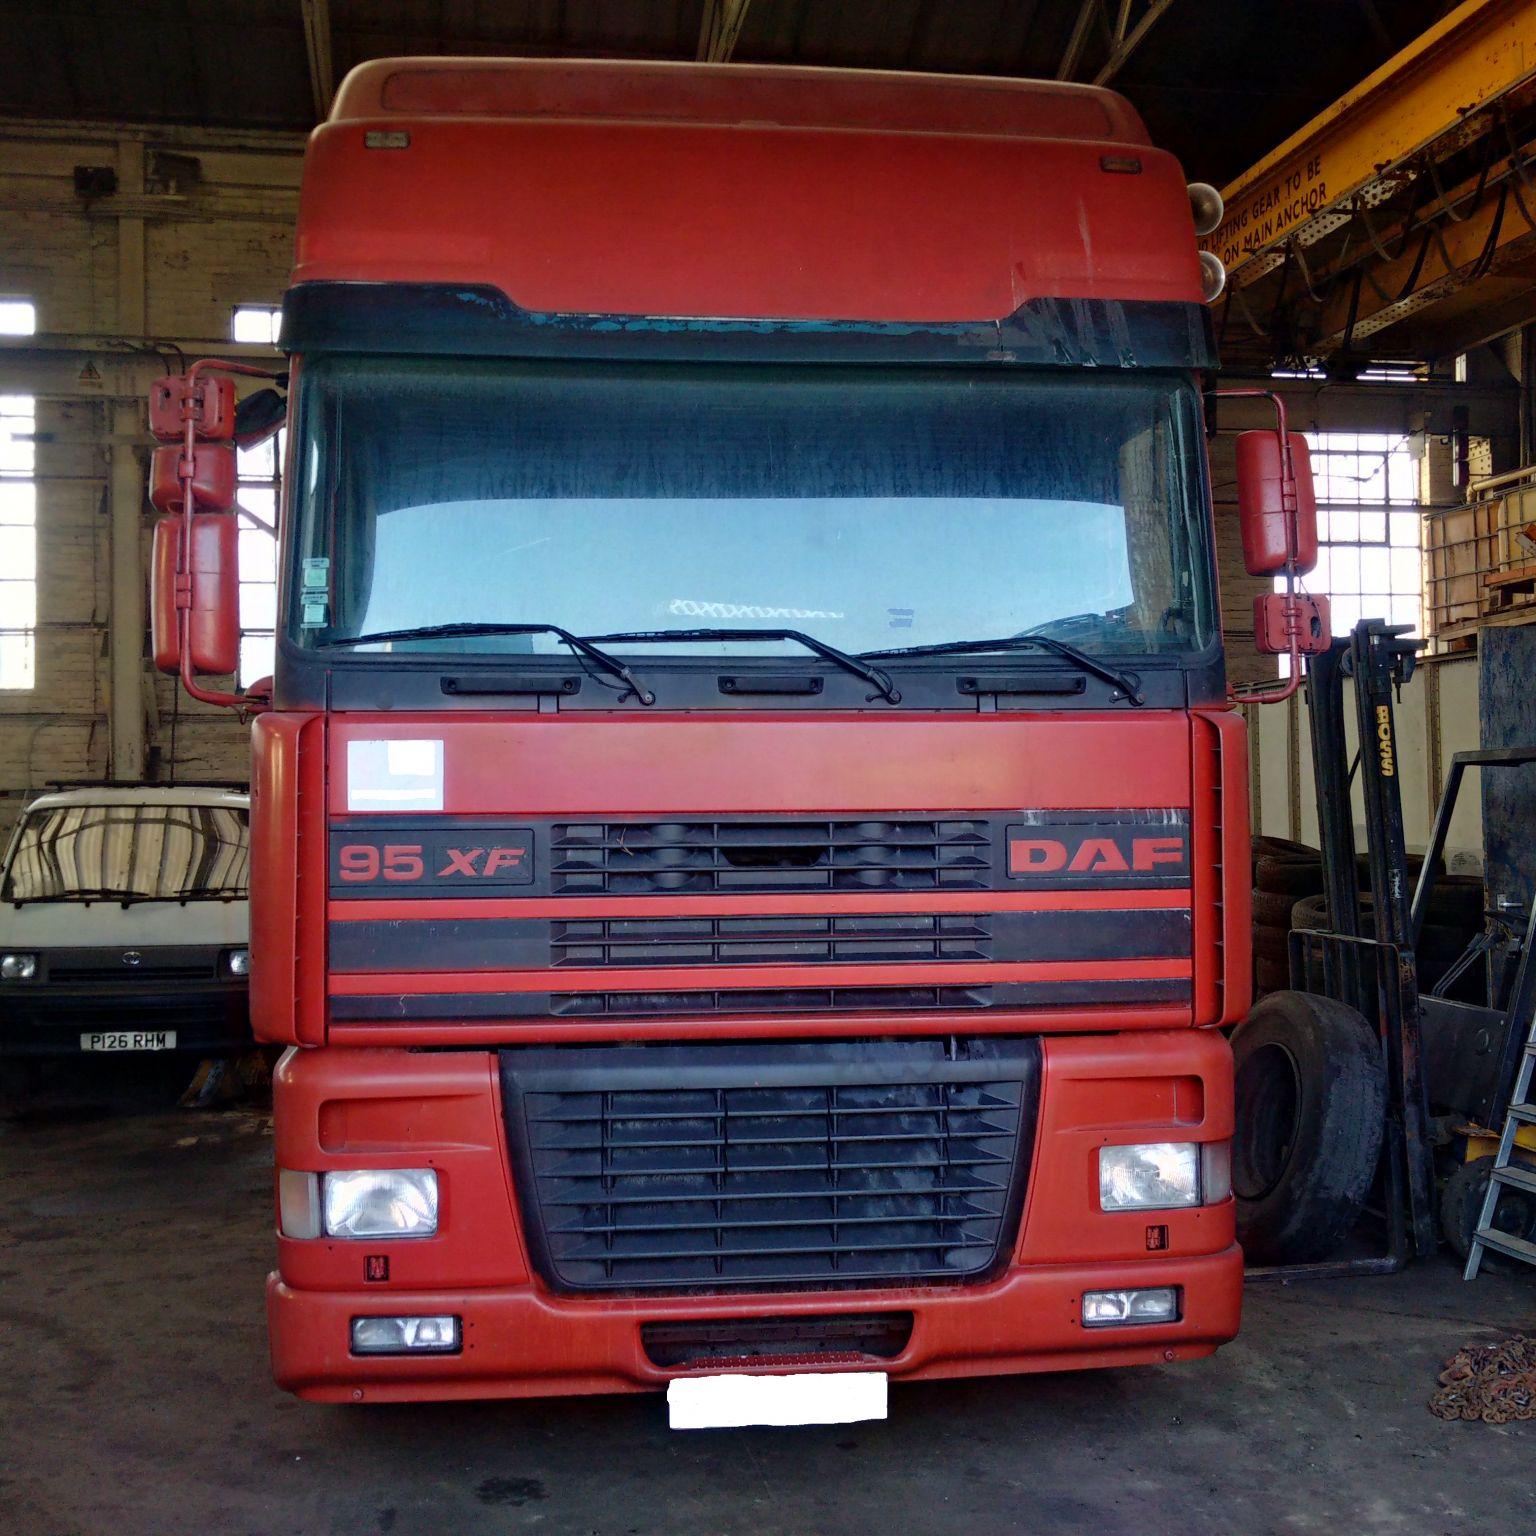 LHD DAF XF95.430